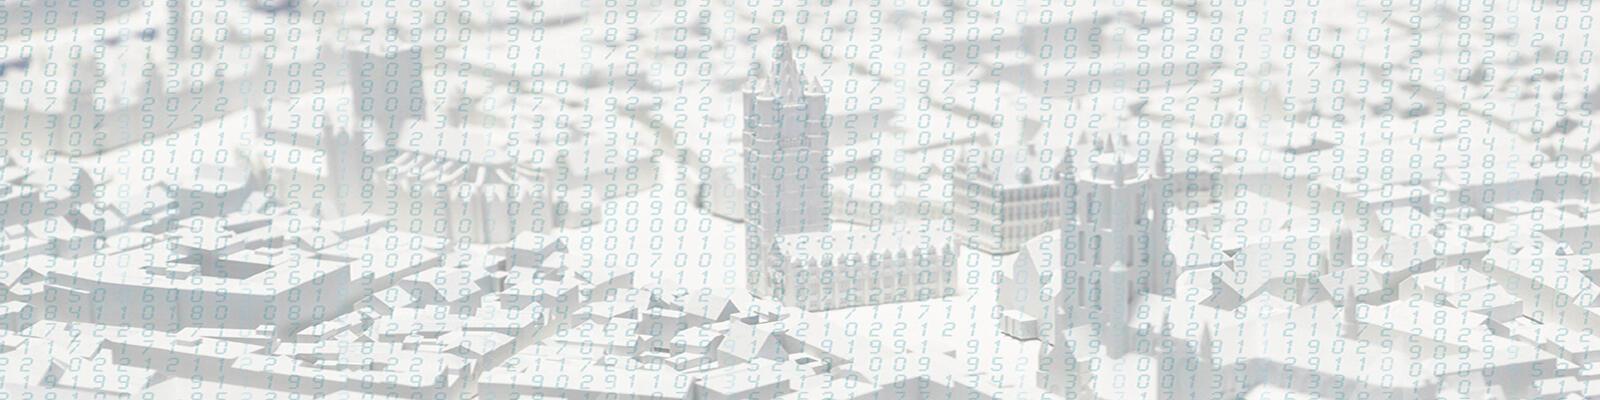 17_01511_PROMOBEELD website gent gescand3.jpg